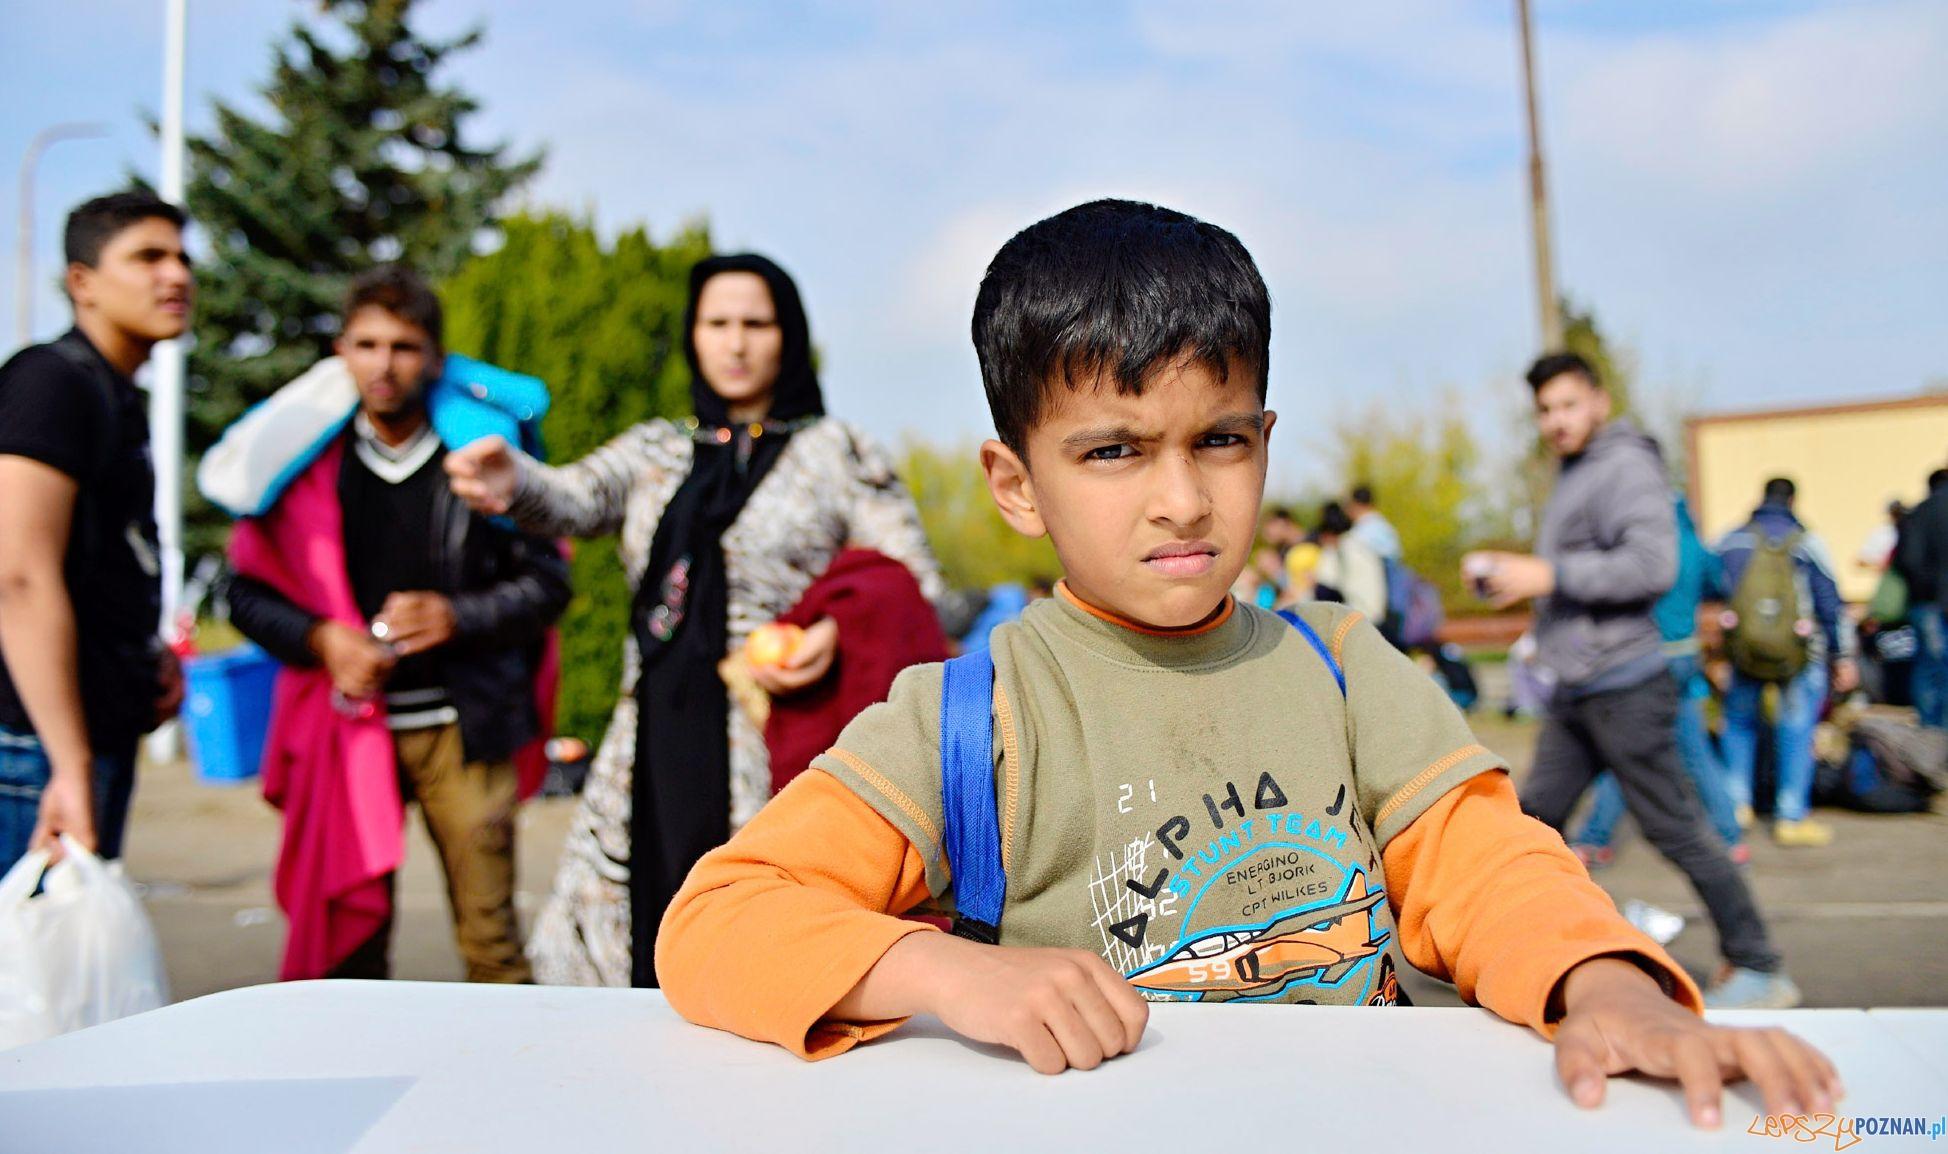 Uchodźcy - za czy przeciw. Debata oksfordzka w SWPS  Foto: istock/SWPS